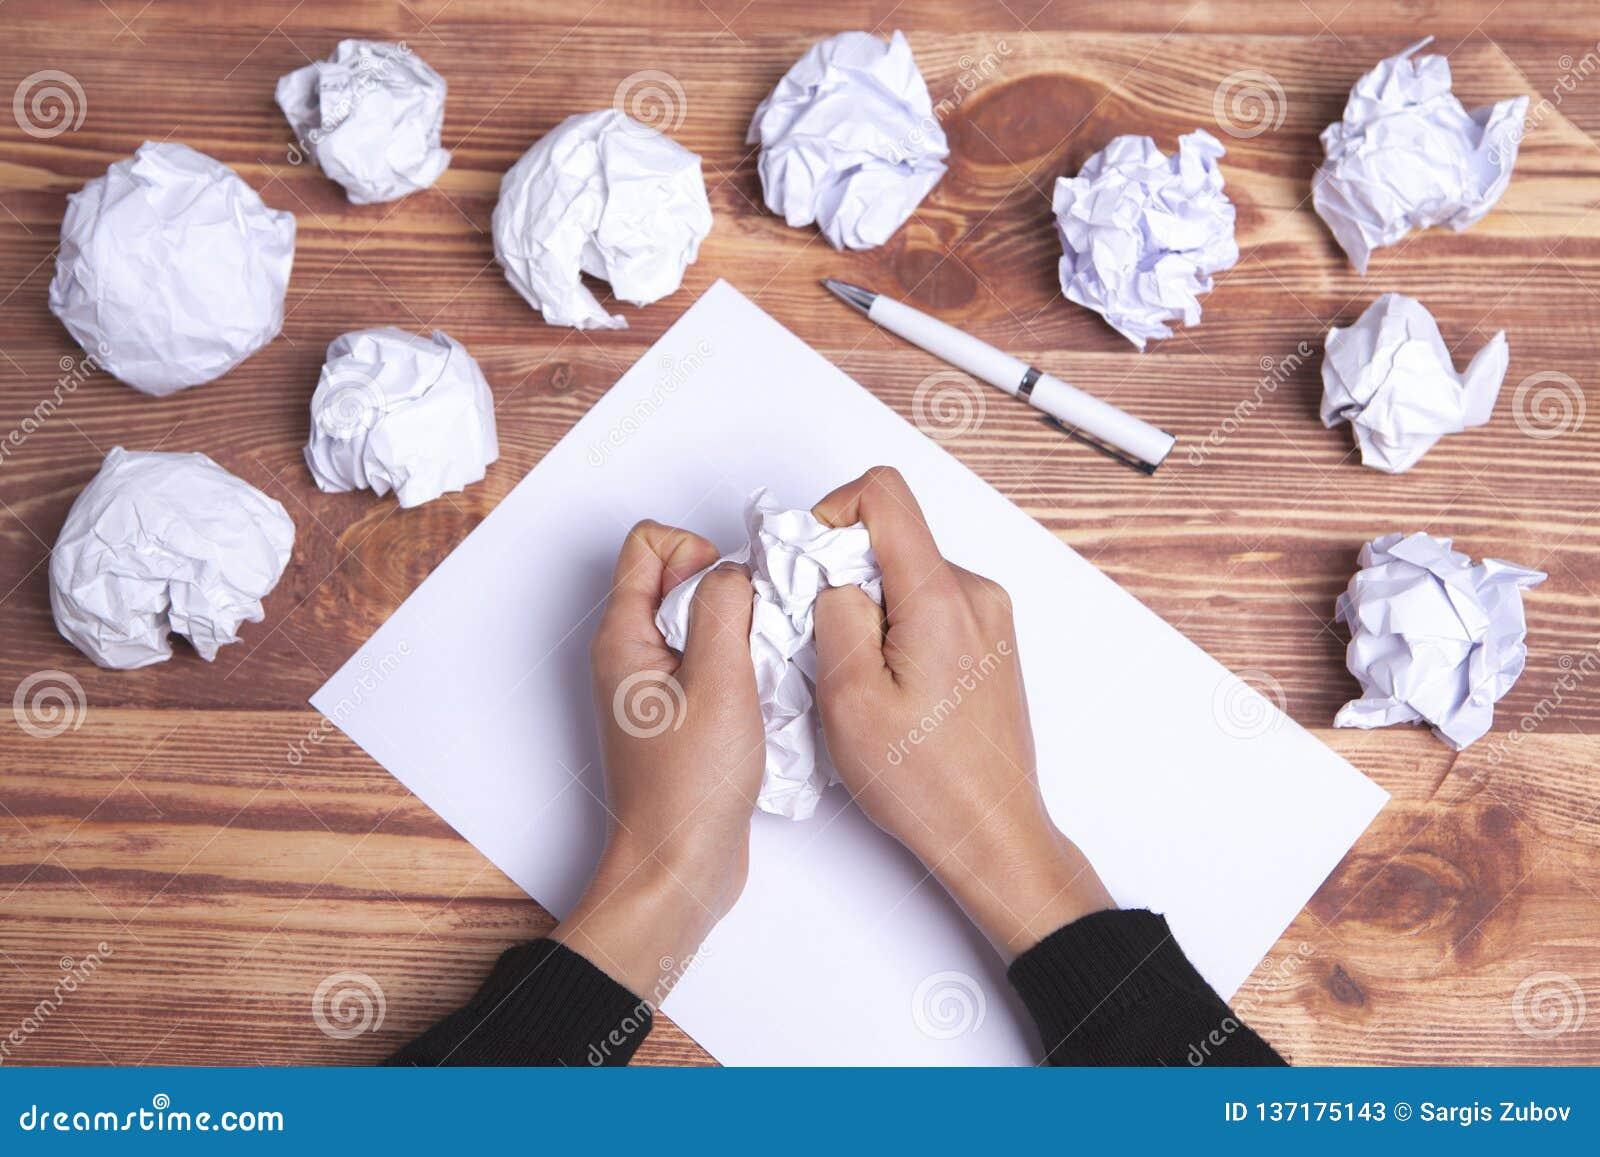 Papier wręcza pomysły i inspirację